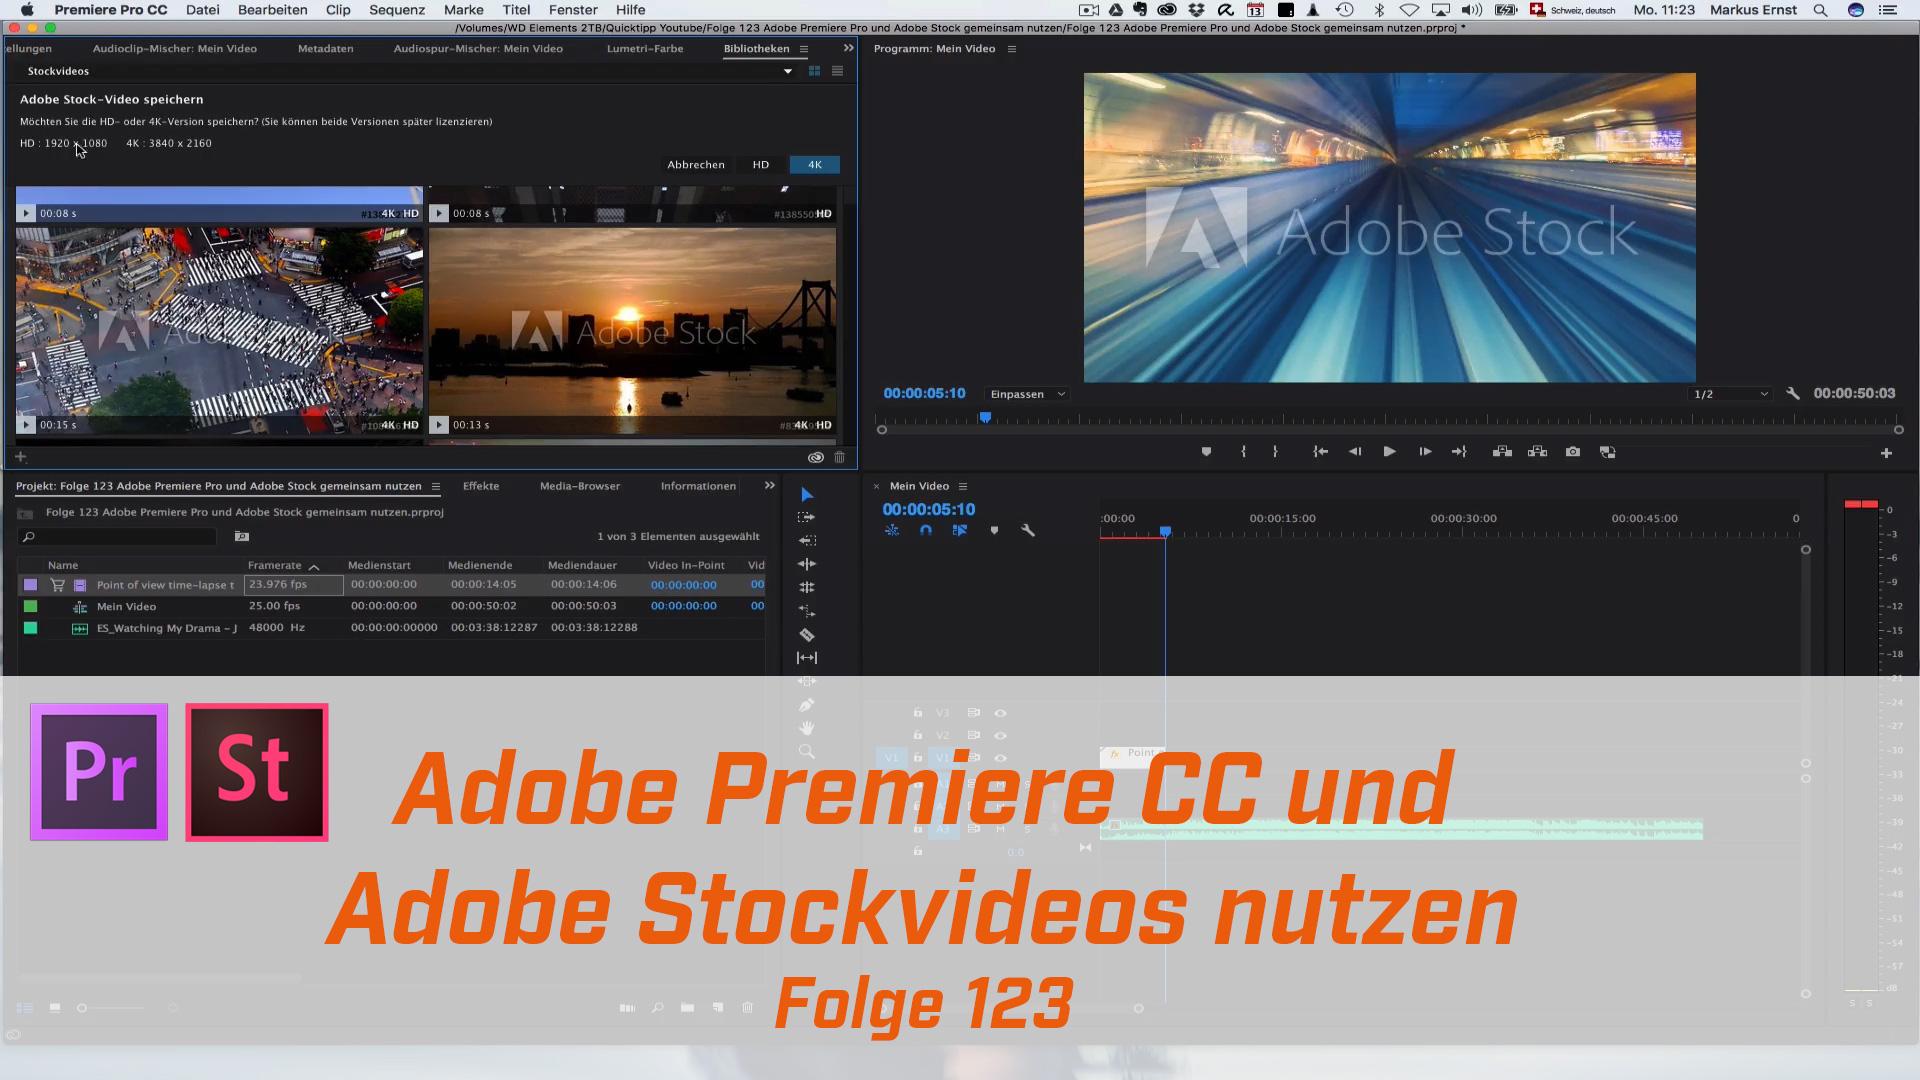 Adobe Premiere Pro und Adobe Stock gemeinsam nutzen